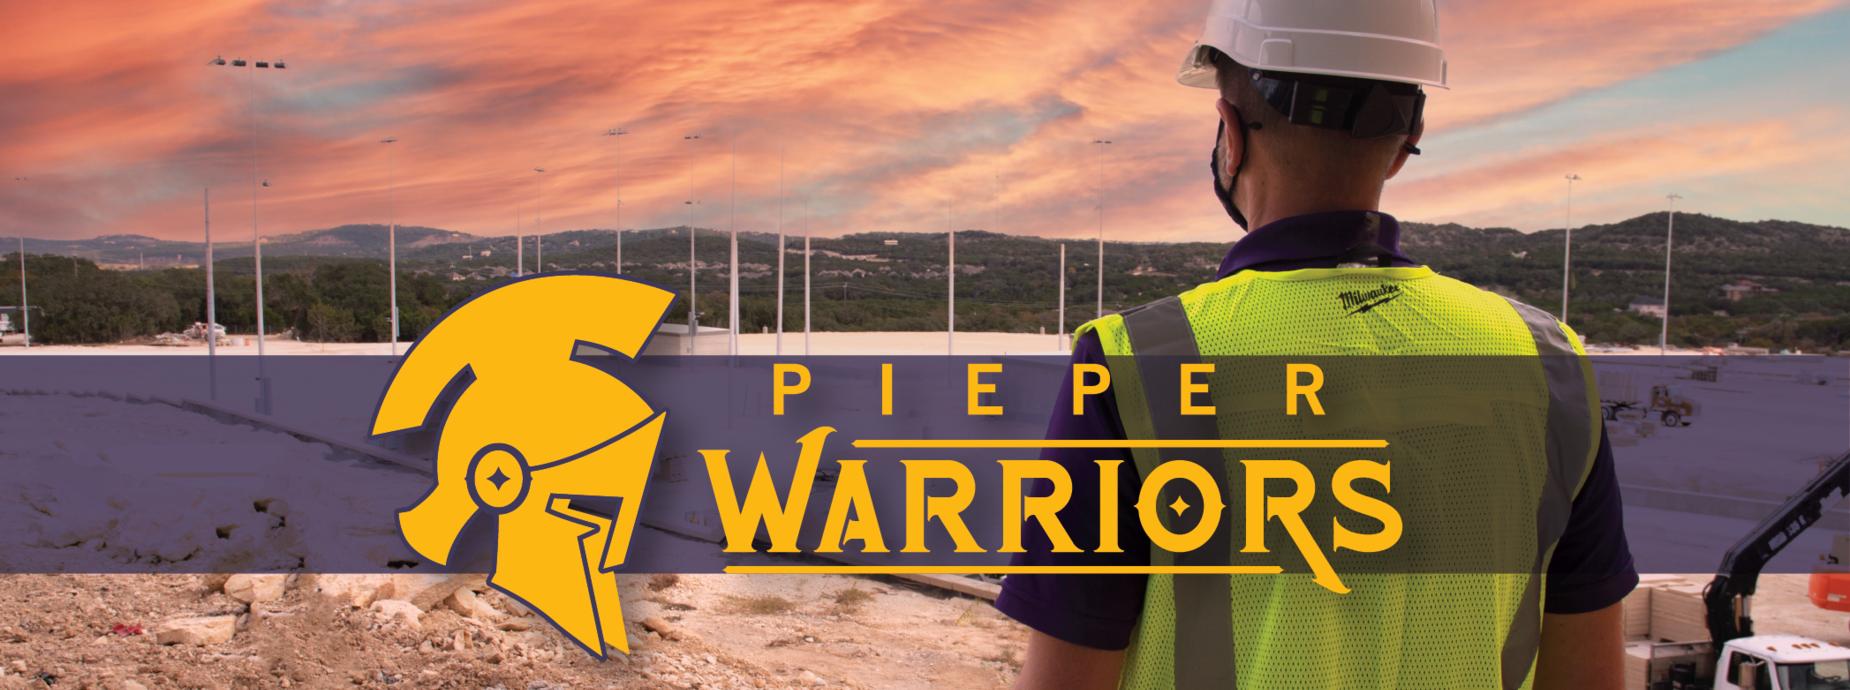 Pieper Warriors Banner